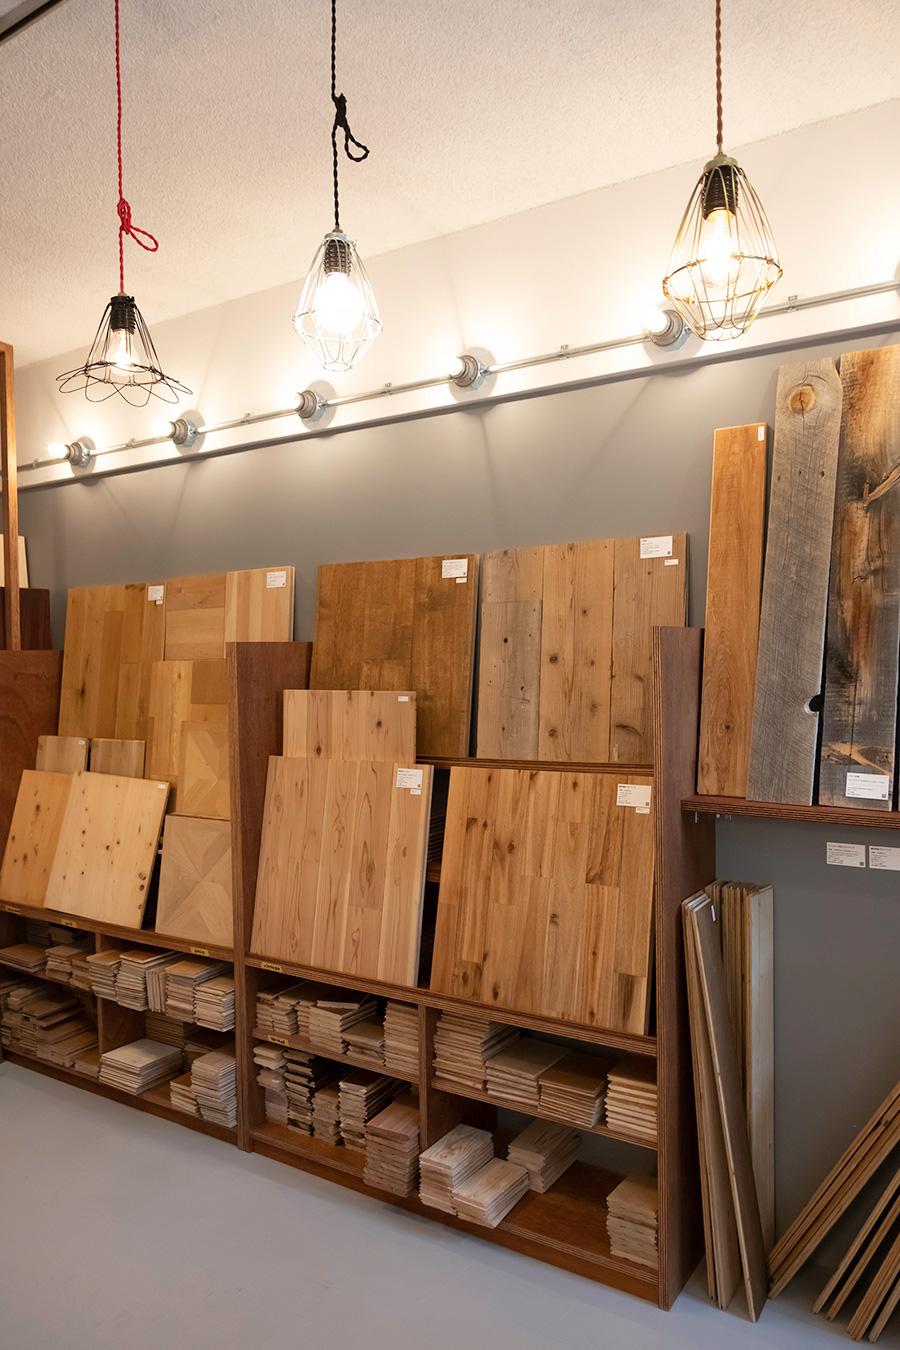 フローリングのサンプルも豊富。適度に節が入っているオーク、灰色がかった渋みのある国産の杉板、寄木細工のパーケットフローリングや人気の足場板も。